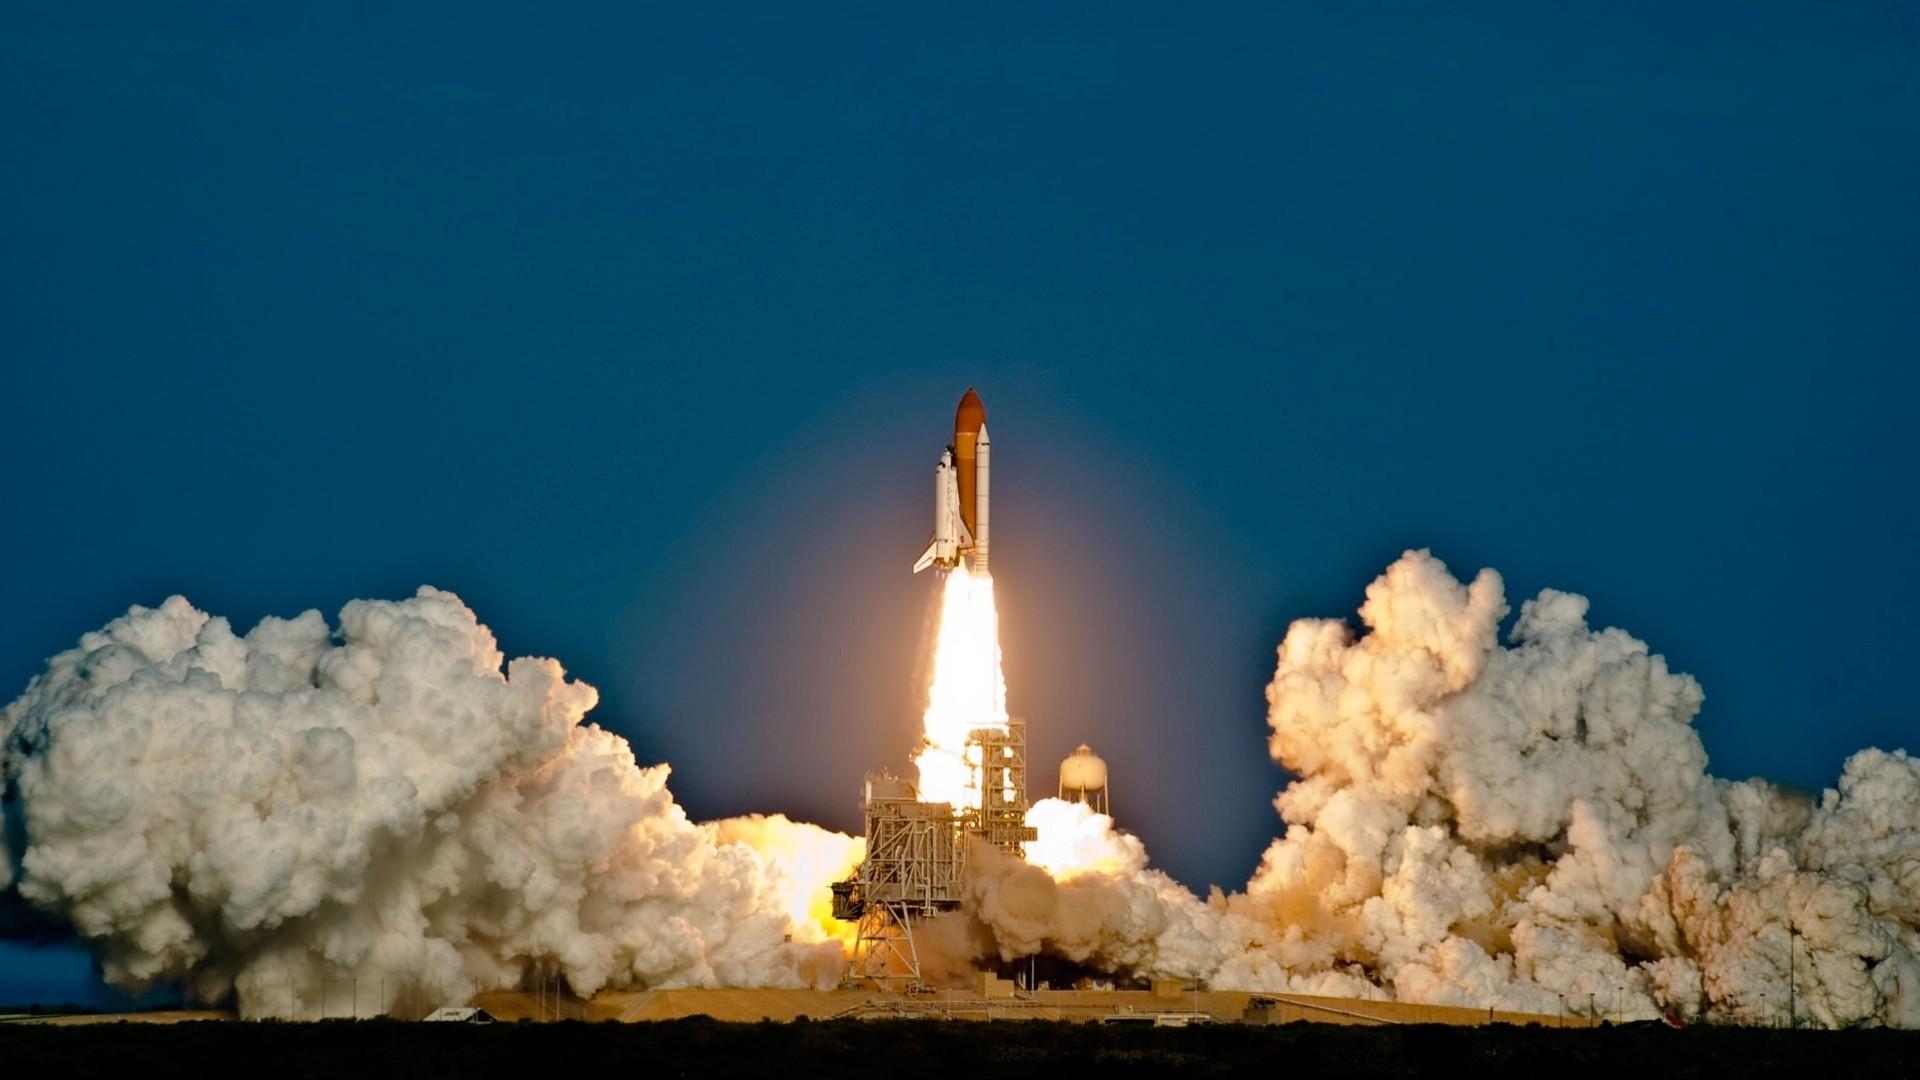 сразу запуск ракеты картинки некоторых